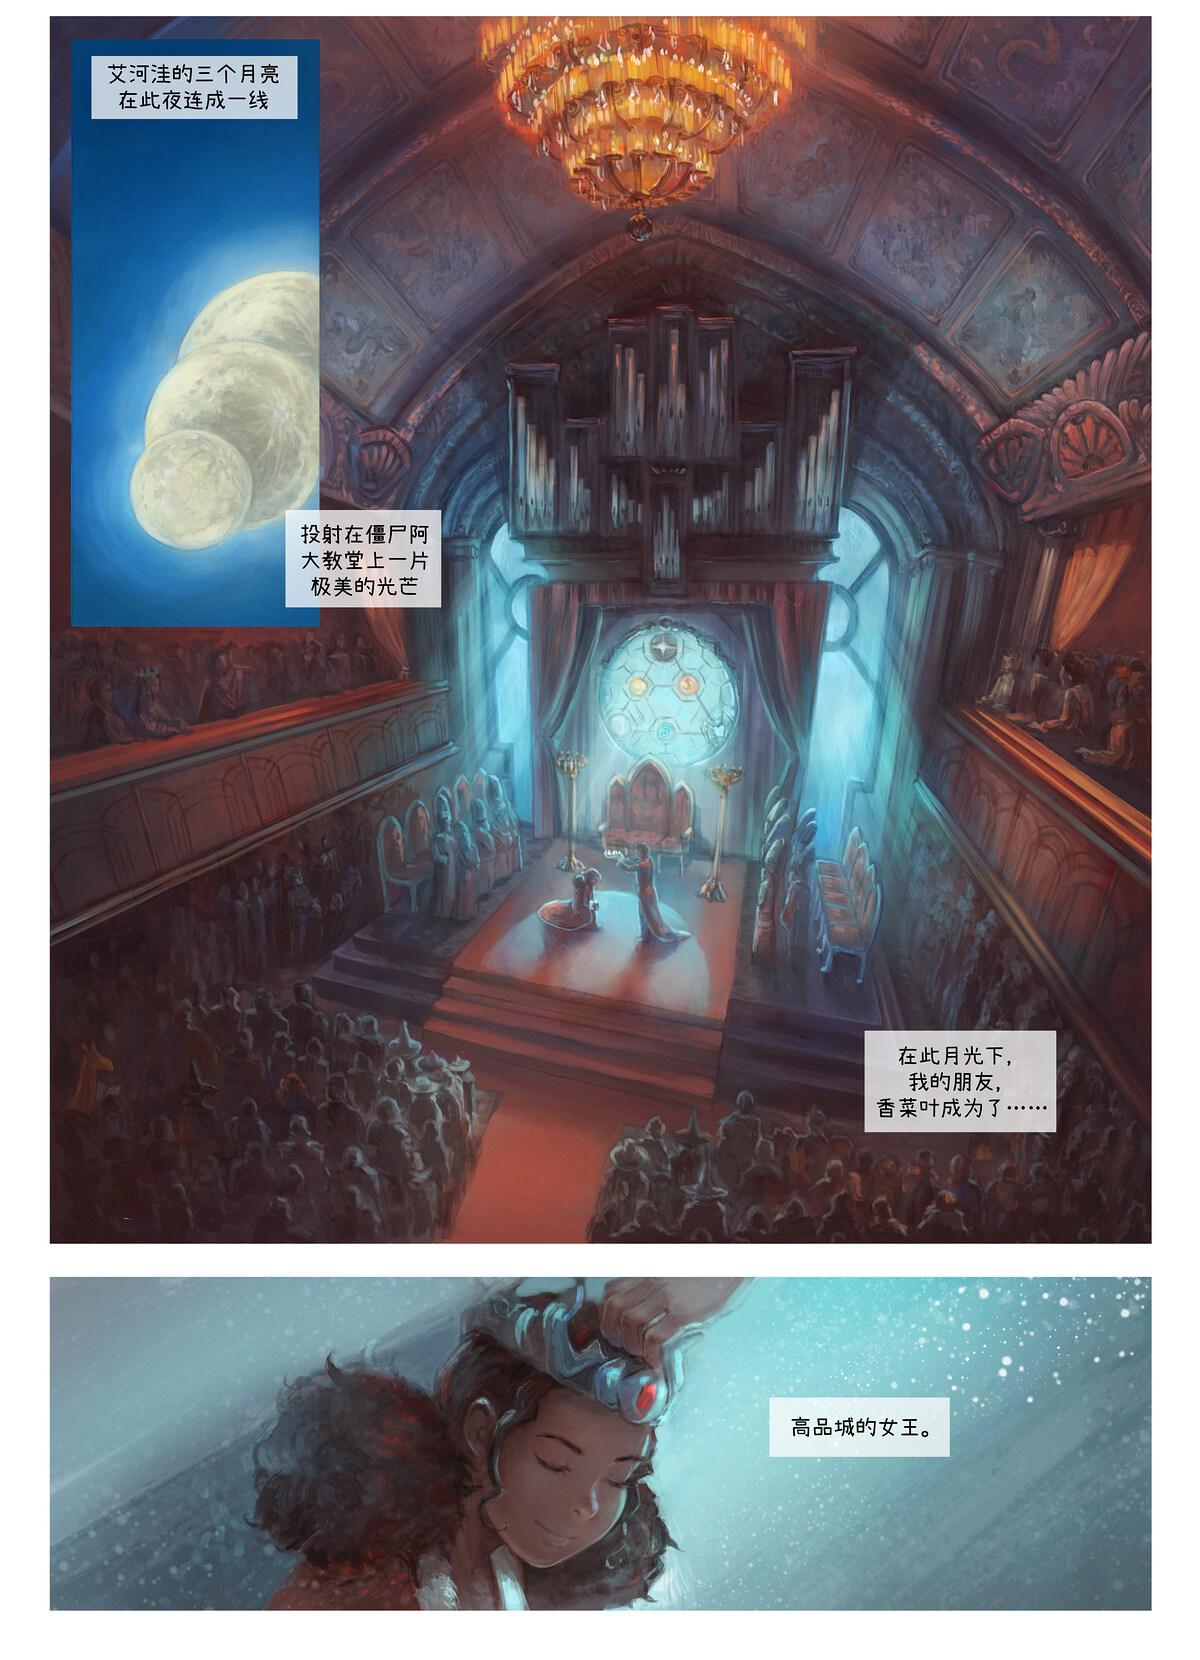 第28集:盛宴, Page 1